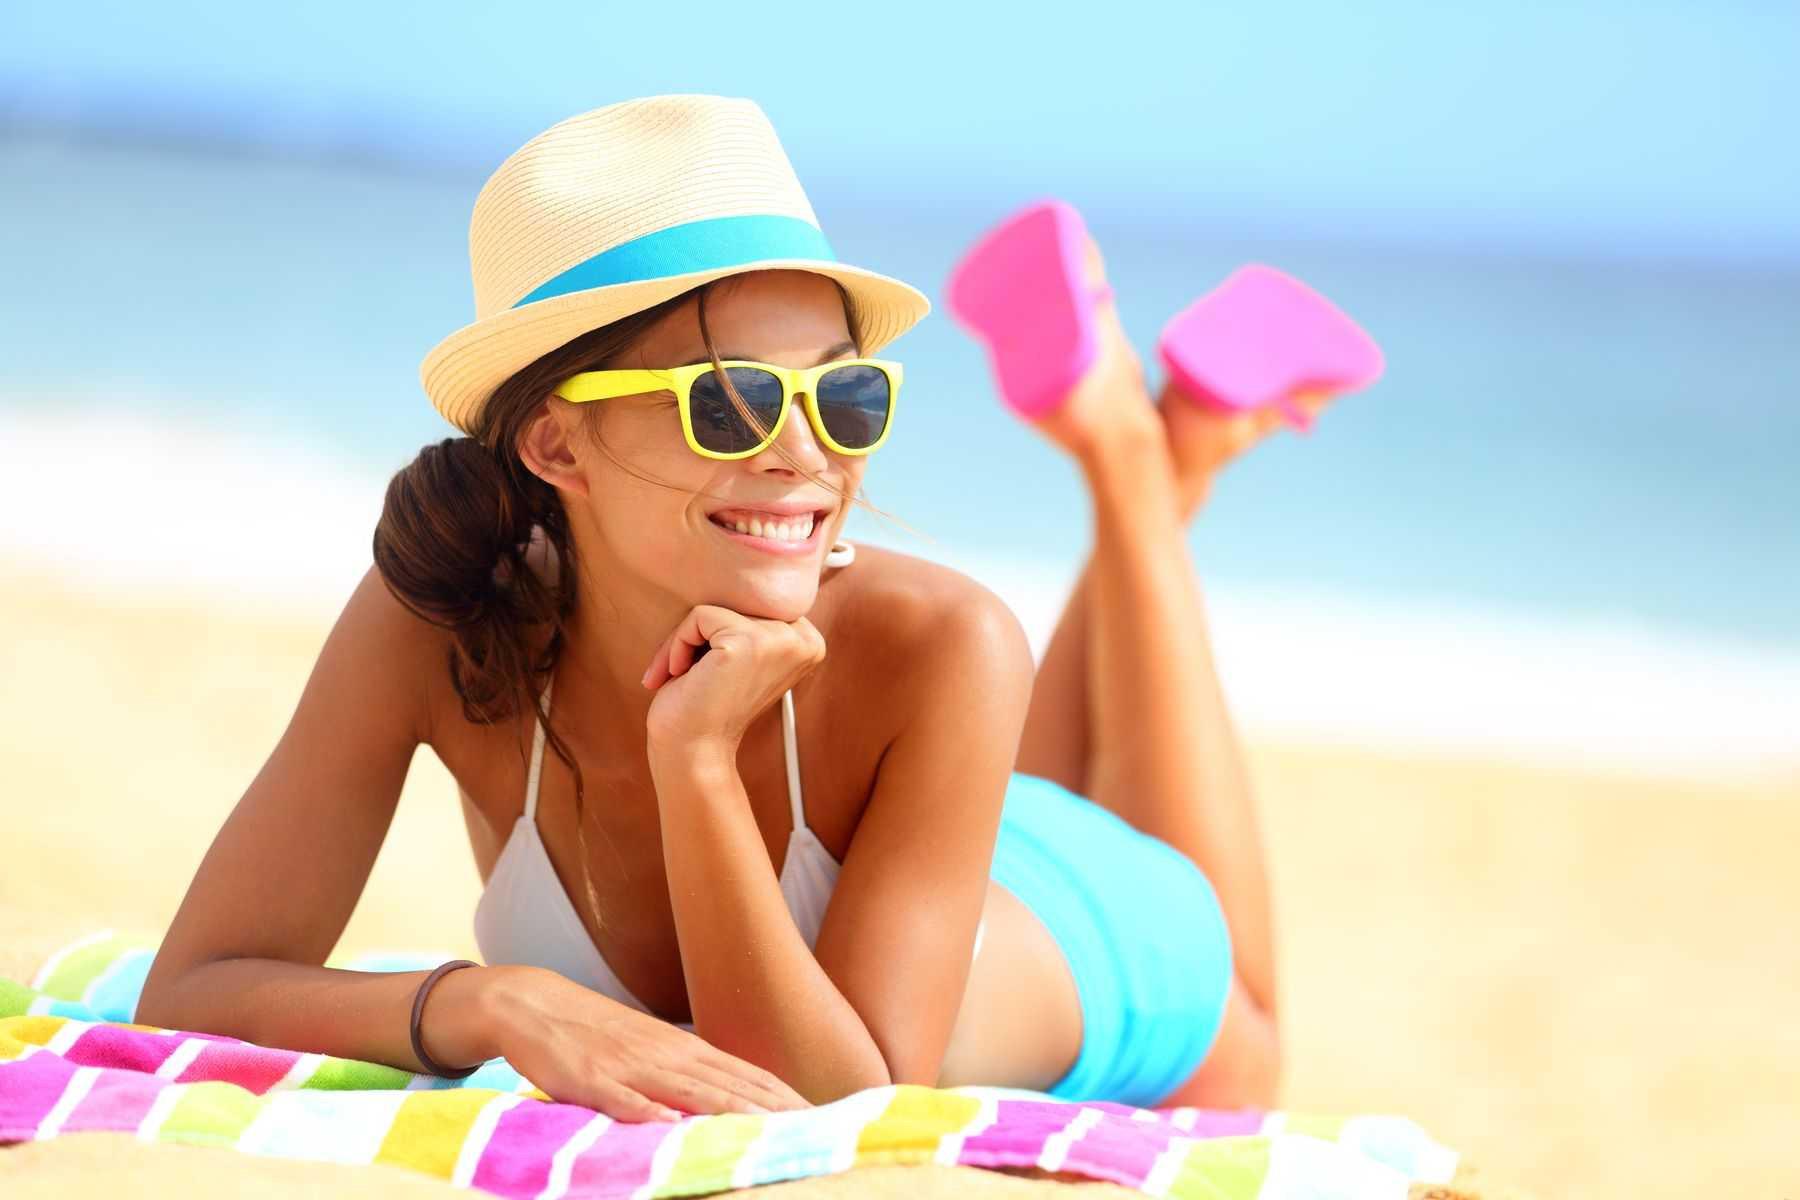 """Puikus pasiūlymas pavasario atostogoms! 5 n. Turkijoje 5* viešbutyje su """"viskas įskaičiuota"""" maitinimu už pavydėtiną kainą!"""